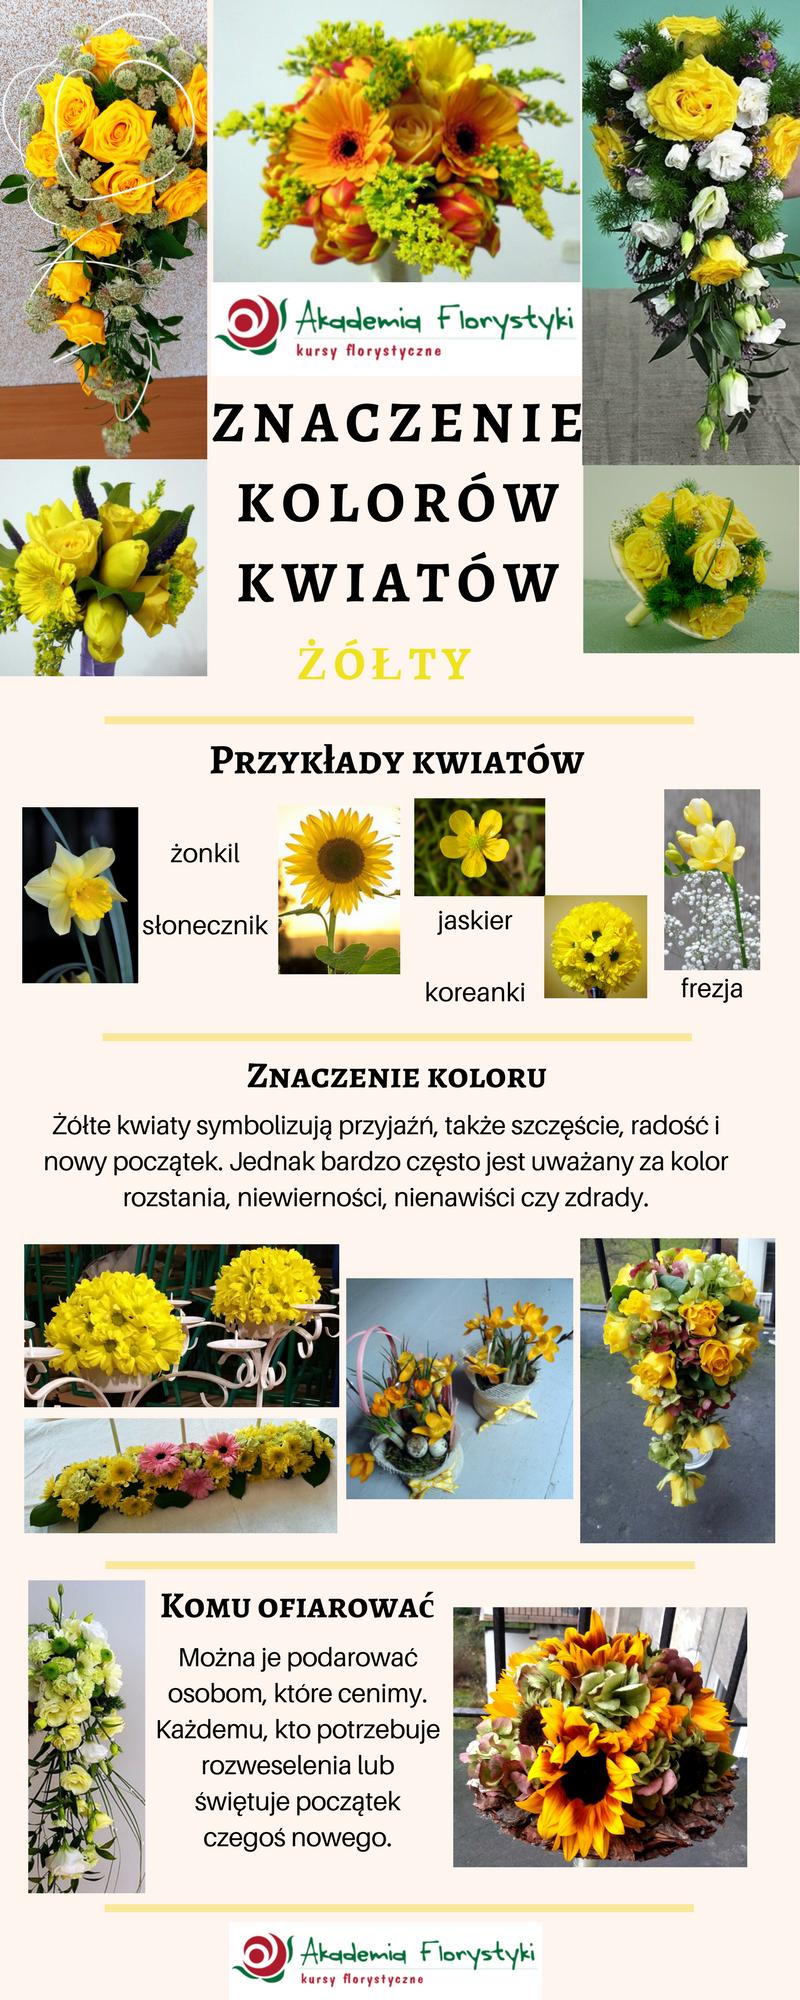 znaczenie kolorów kwiatów - kwiaty żółte